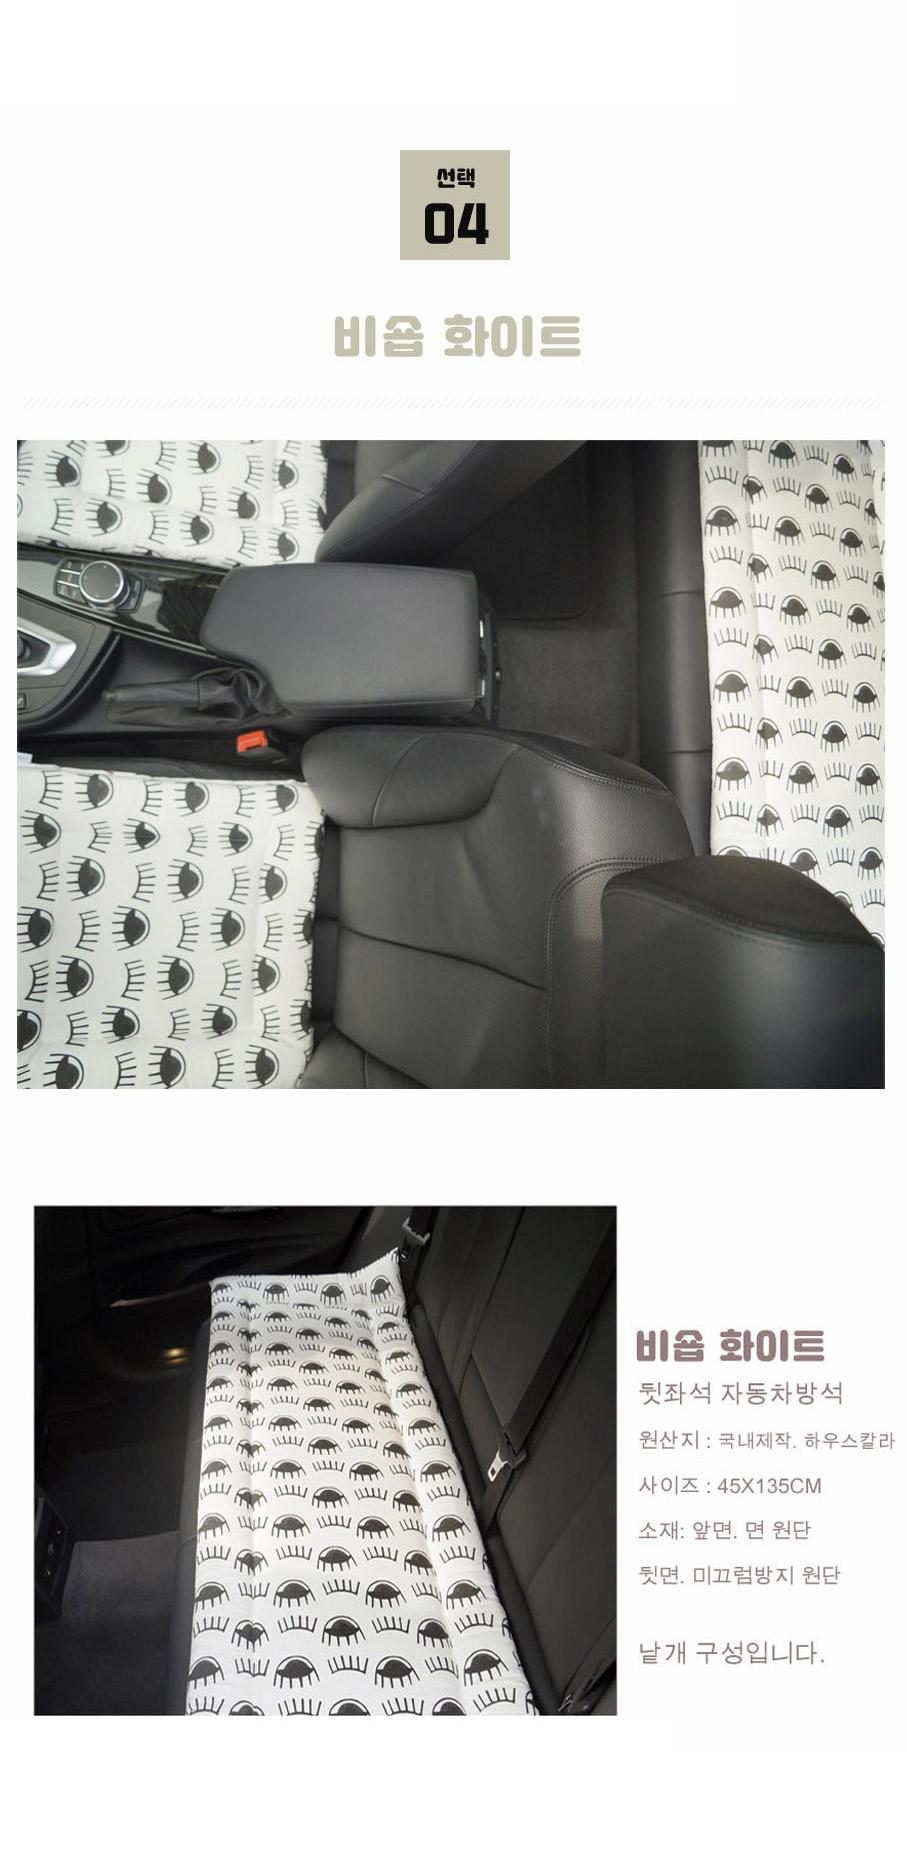 자동차방석 3단 뒷좌석용 - 찬미디자인, 18,900원, 카인테리어, 방석/쿠션